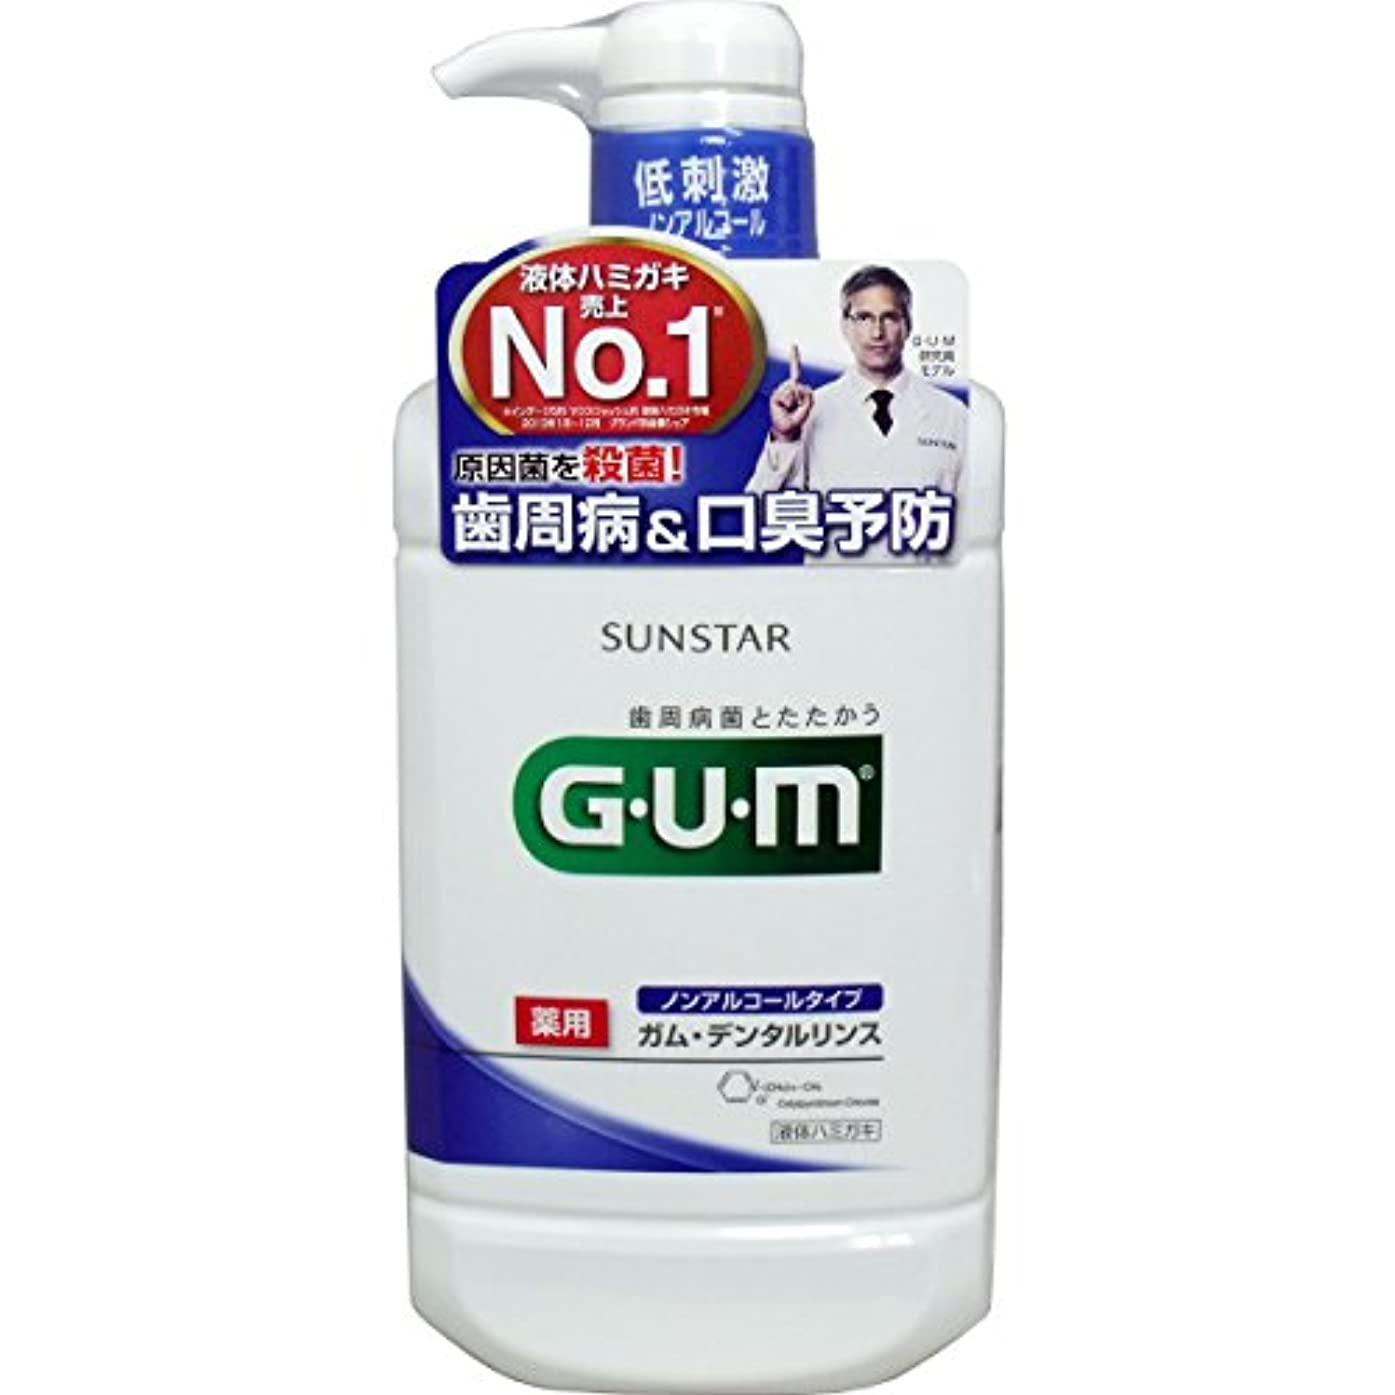 寝室デンマーク語虎【まとめ買い】GUM(ガム)?デンタルリンス (ノンアルコールタイプ) 960mL (医薬部外品)×3個